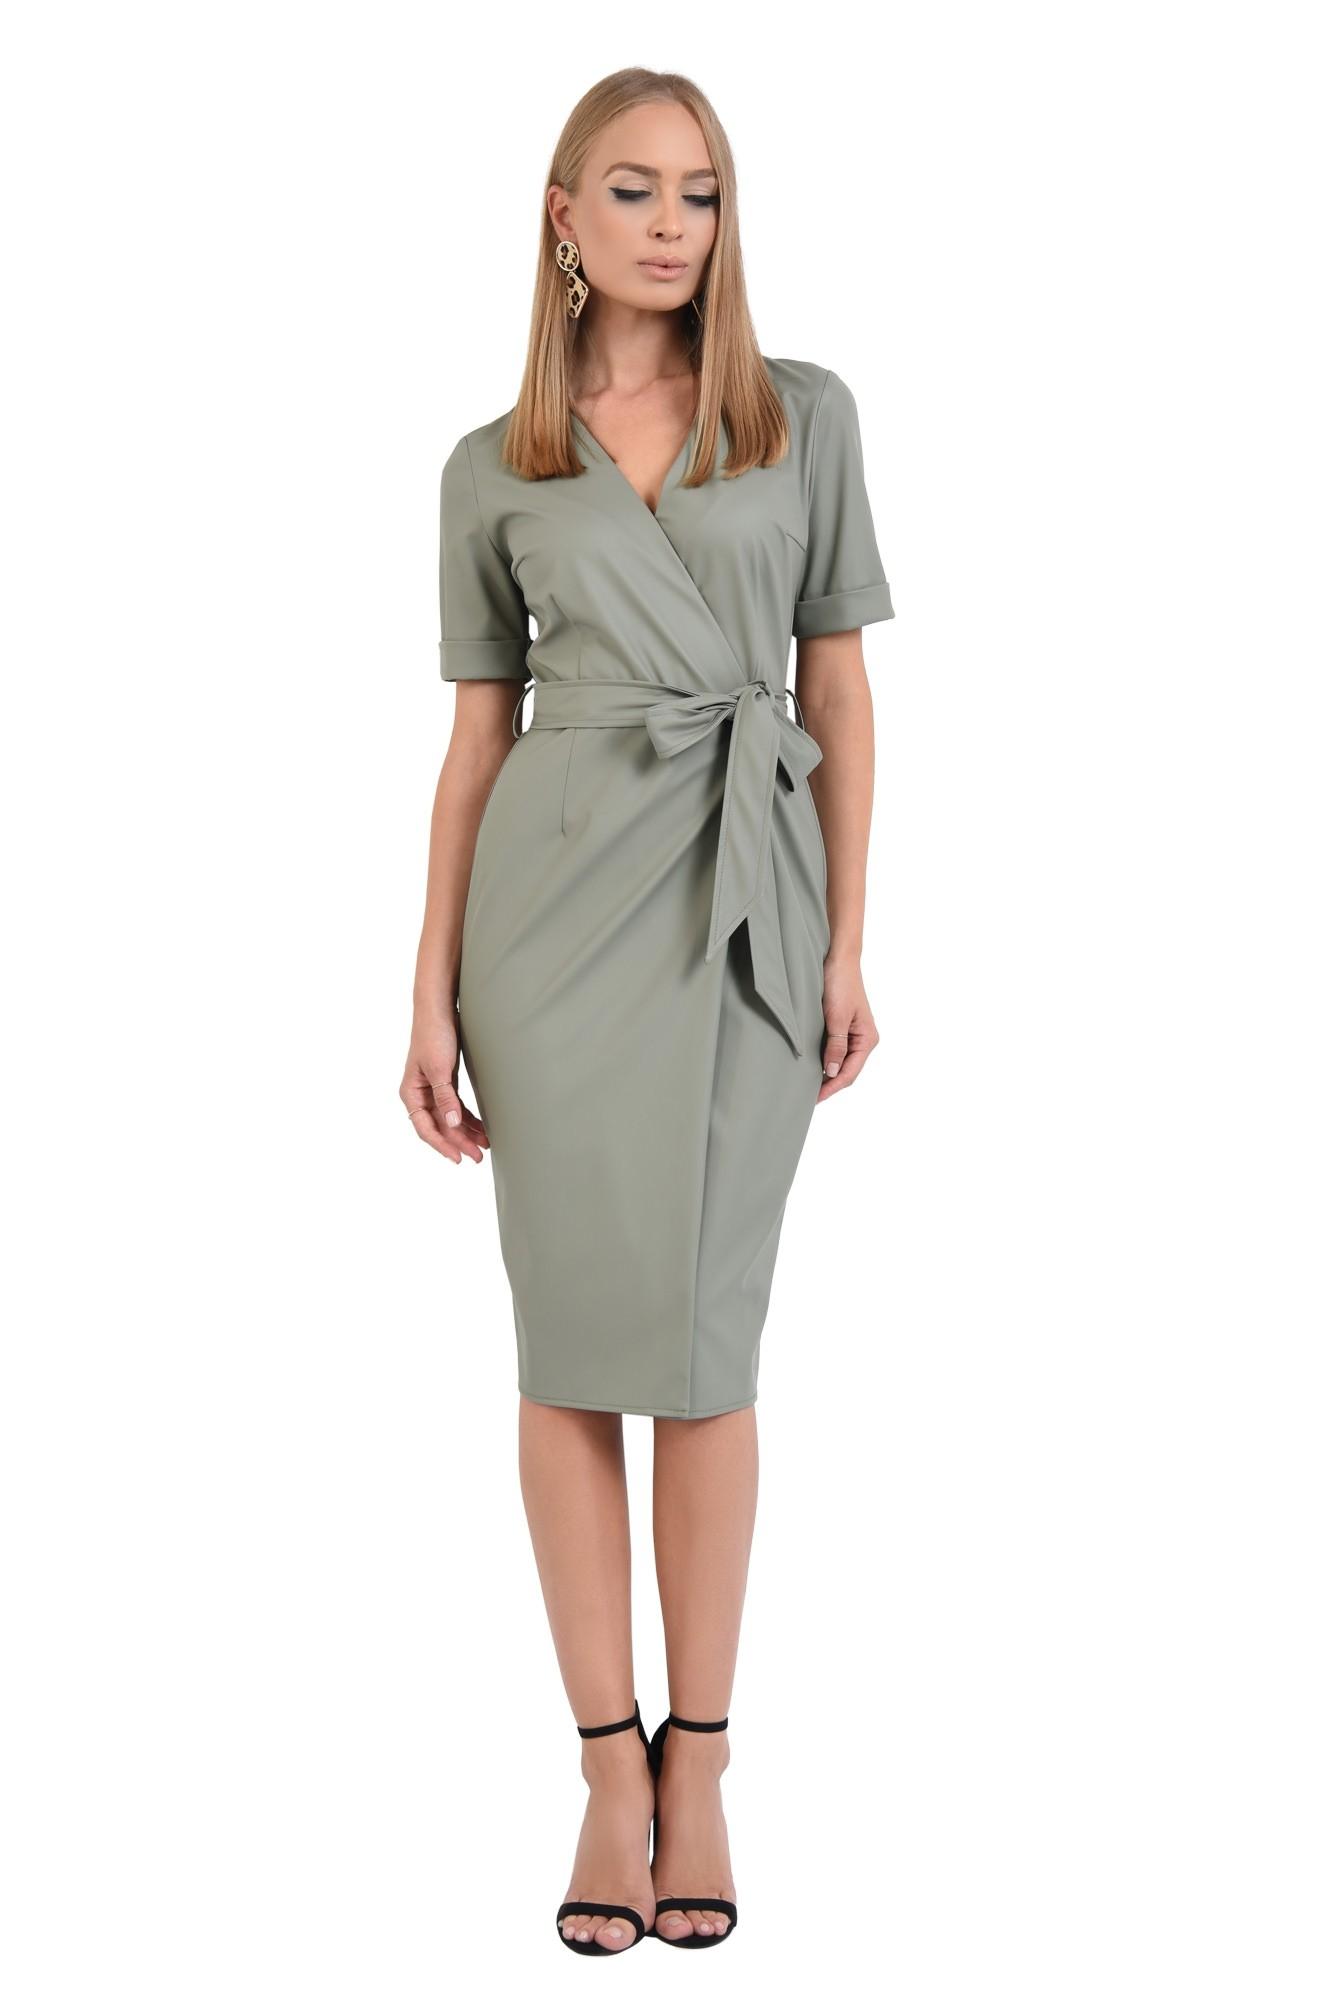 3 - 360 - rochie din piele eco, petrecuta, cordon, maneci scurte